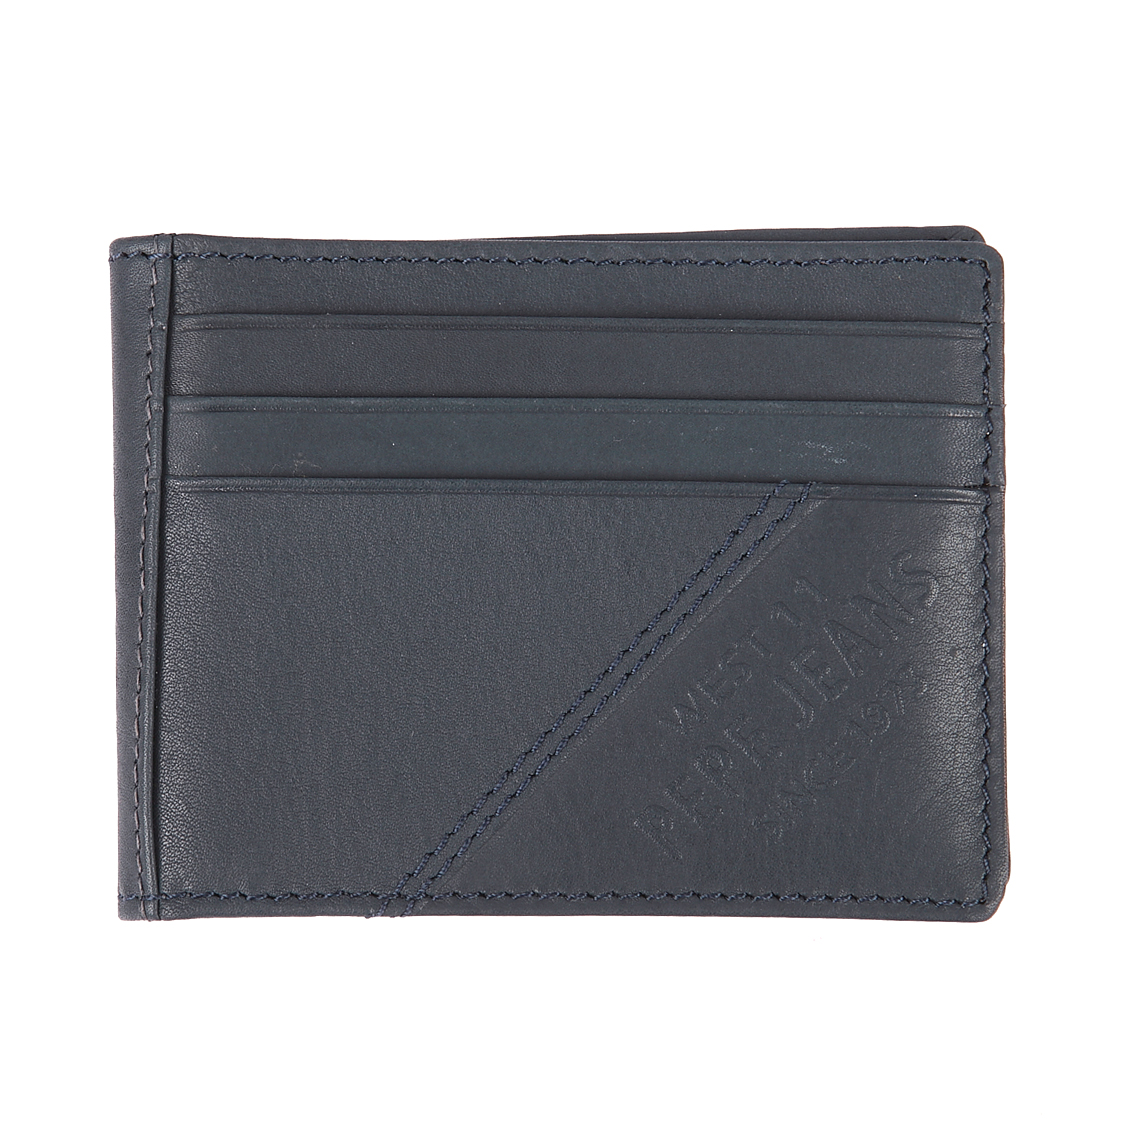 Porte-cartes 2 volets pepe jeans en cuir bleu pétrole à surpiqûres